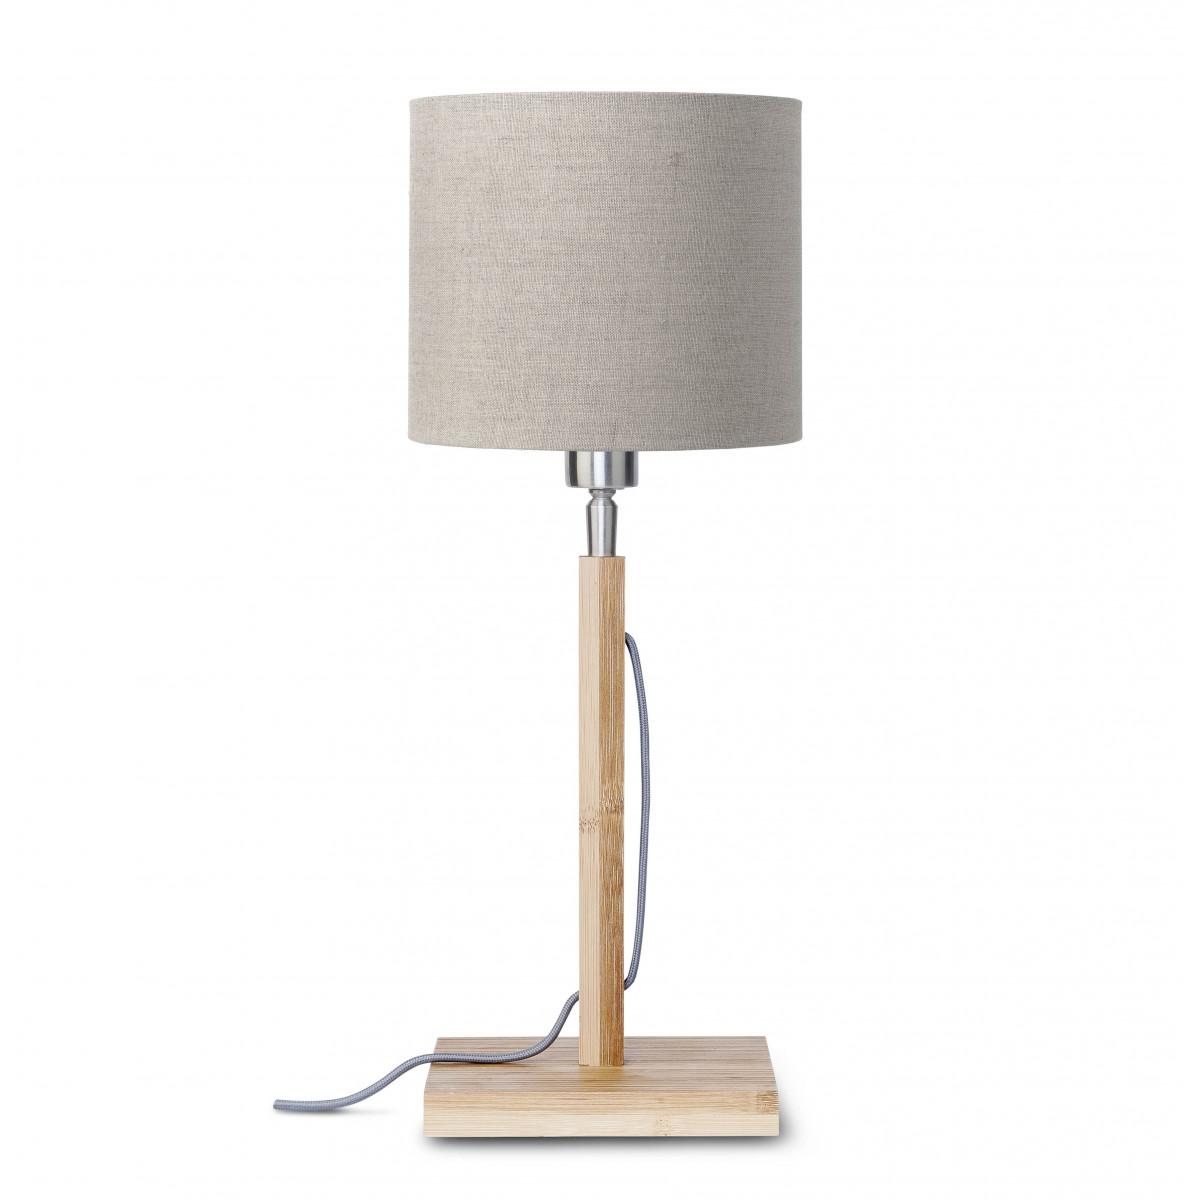 Lampe de table Fuji en bambou et lin Lin sombrew